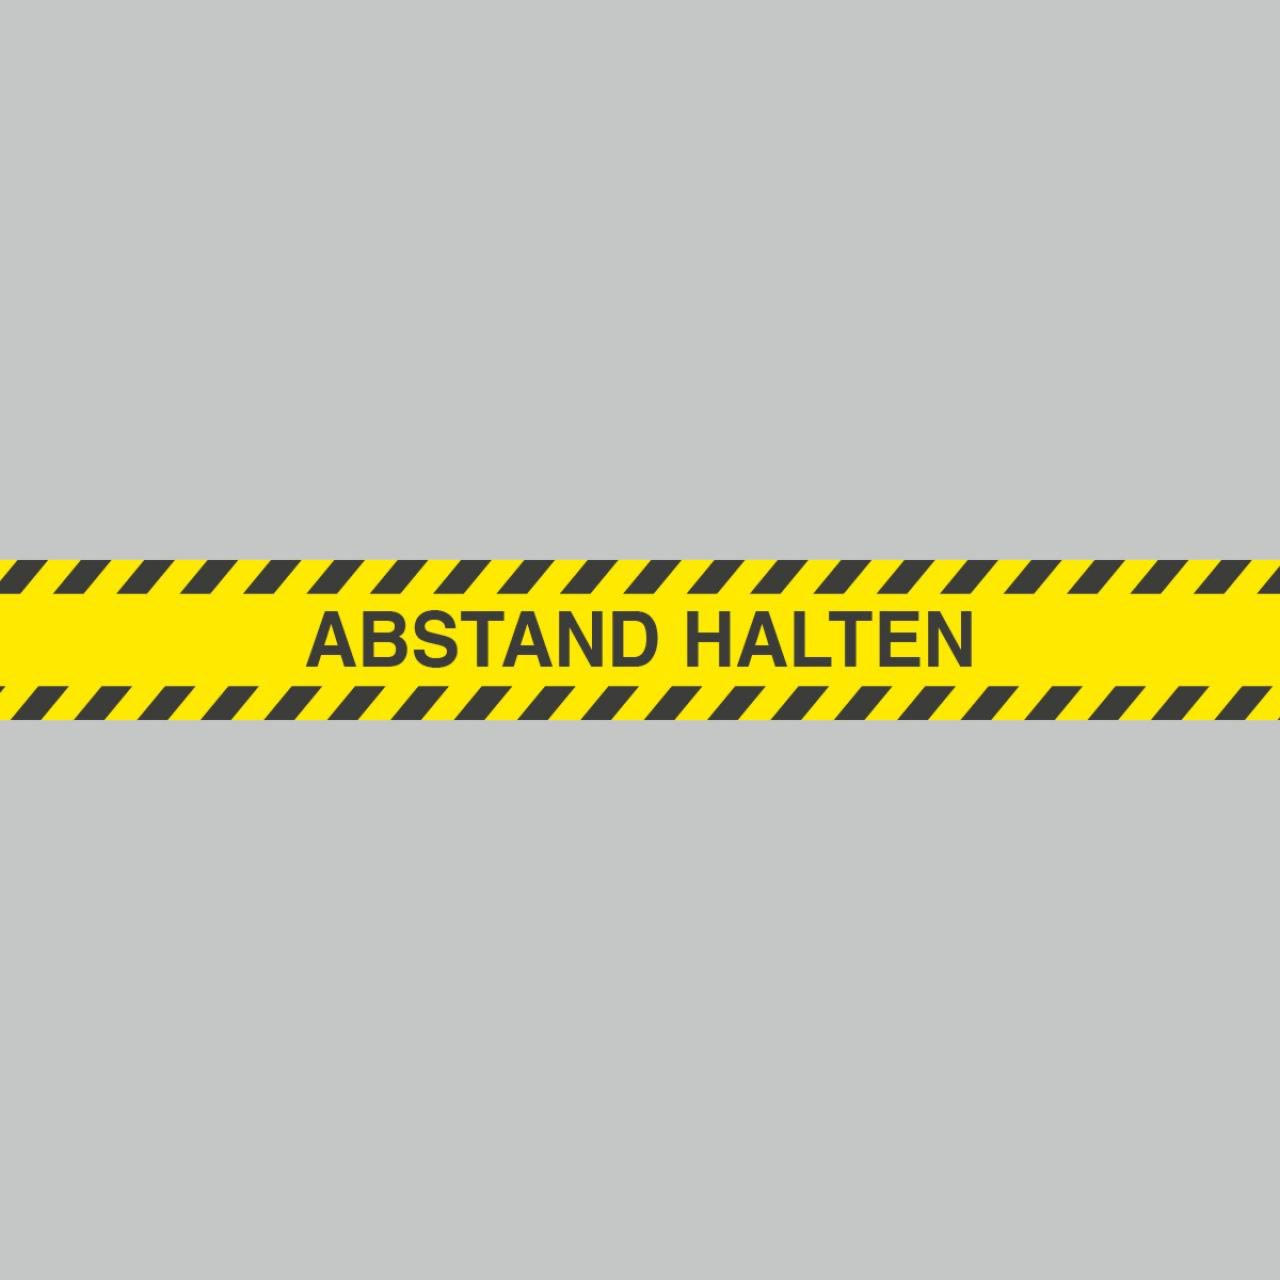 Fußbodenaufkleber schwarz-gelb, Streifen, 120x15cm – Abstand halten